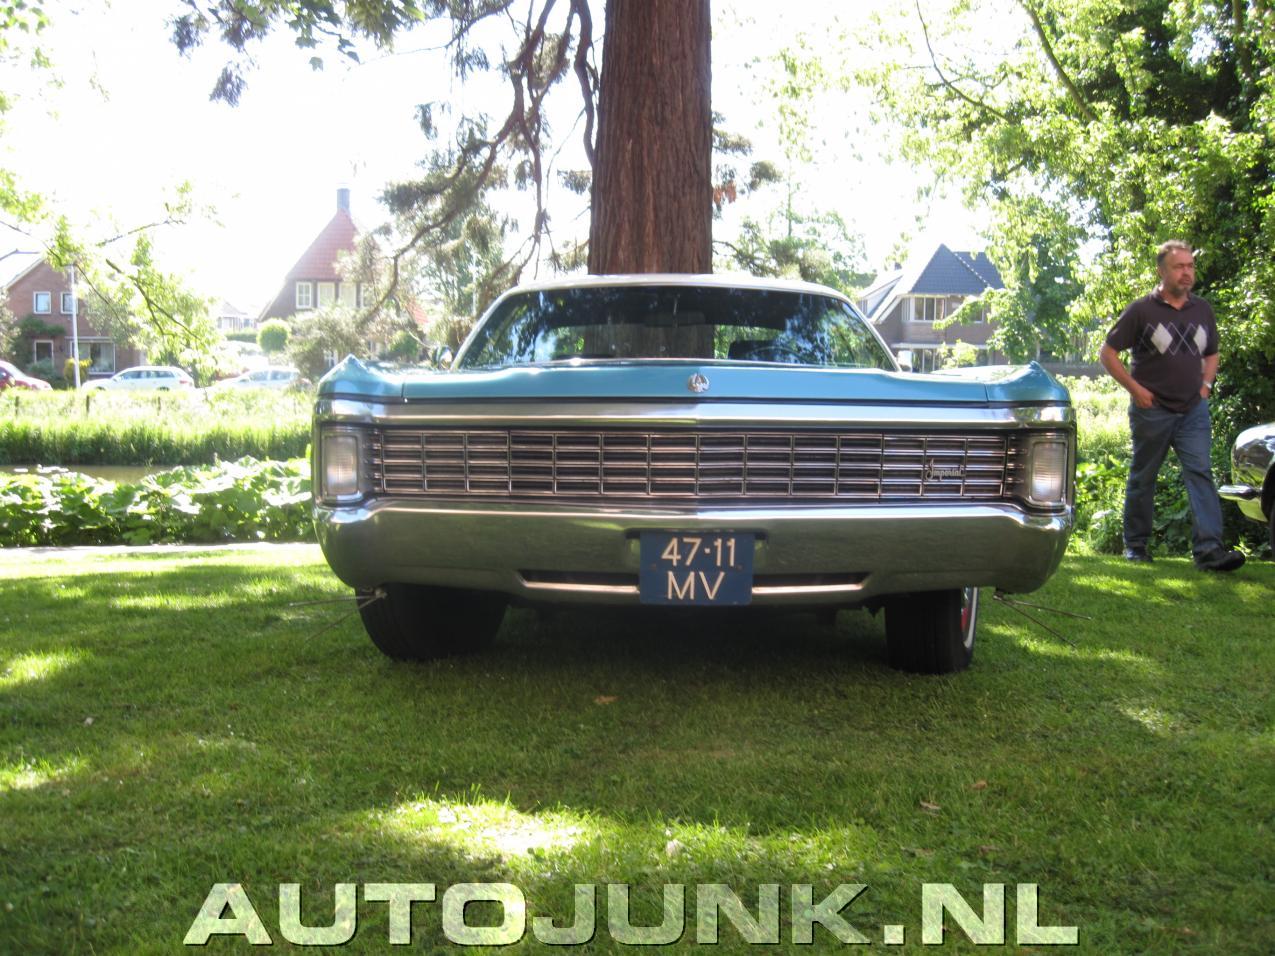 Chrysler Imperial crown foto s Autojunk